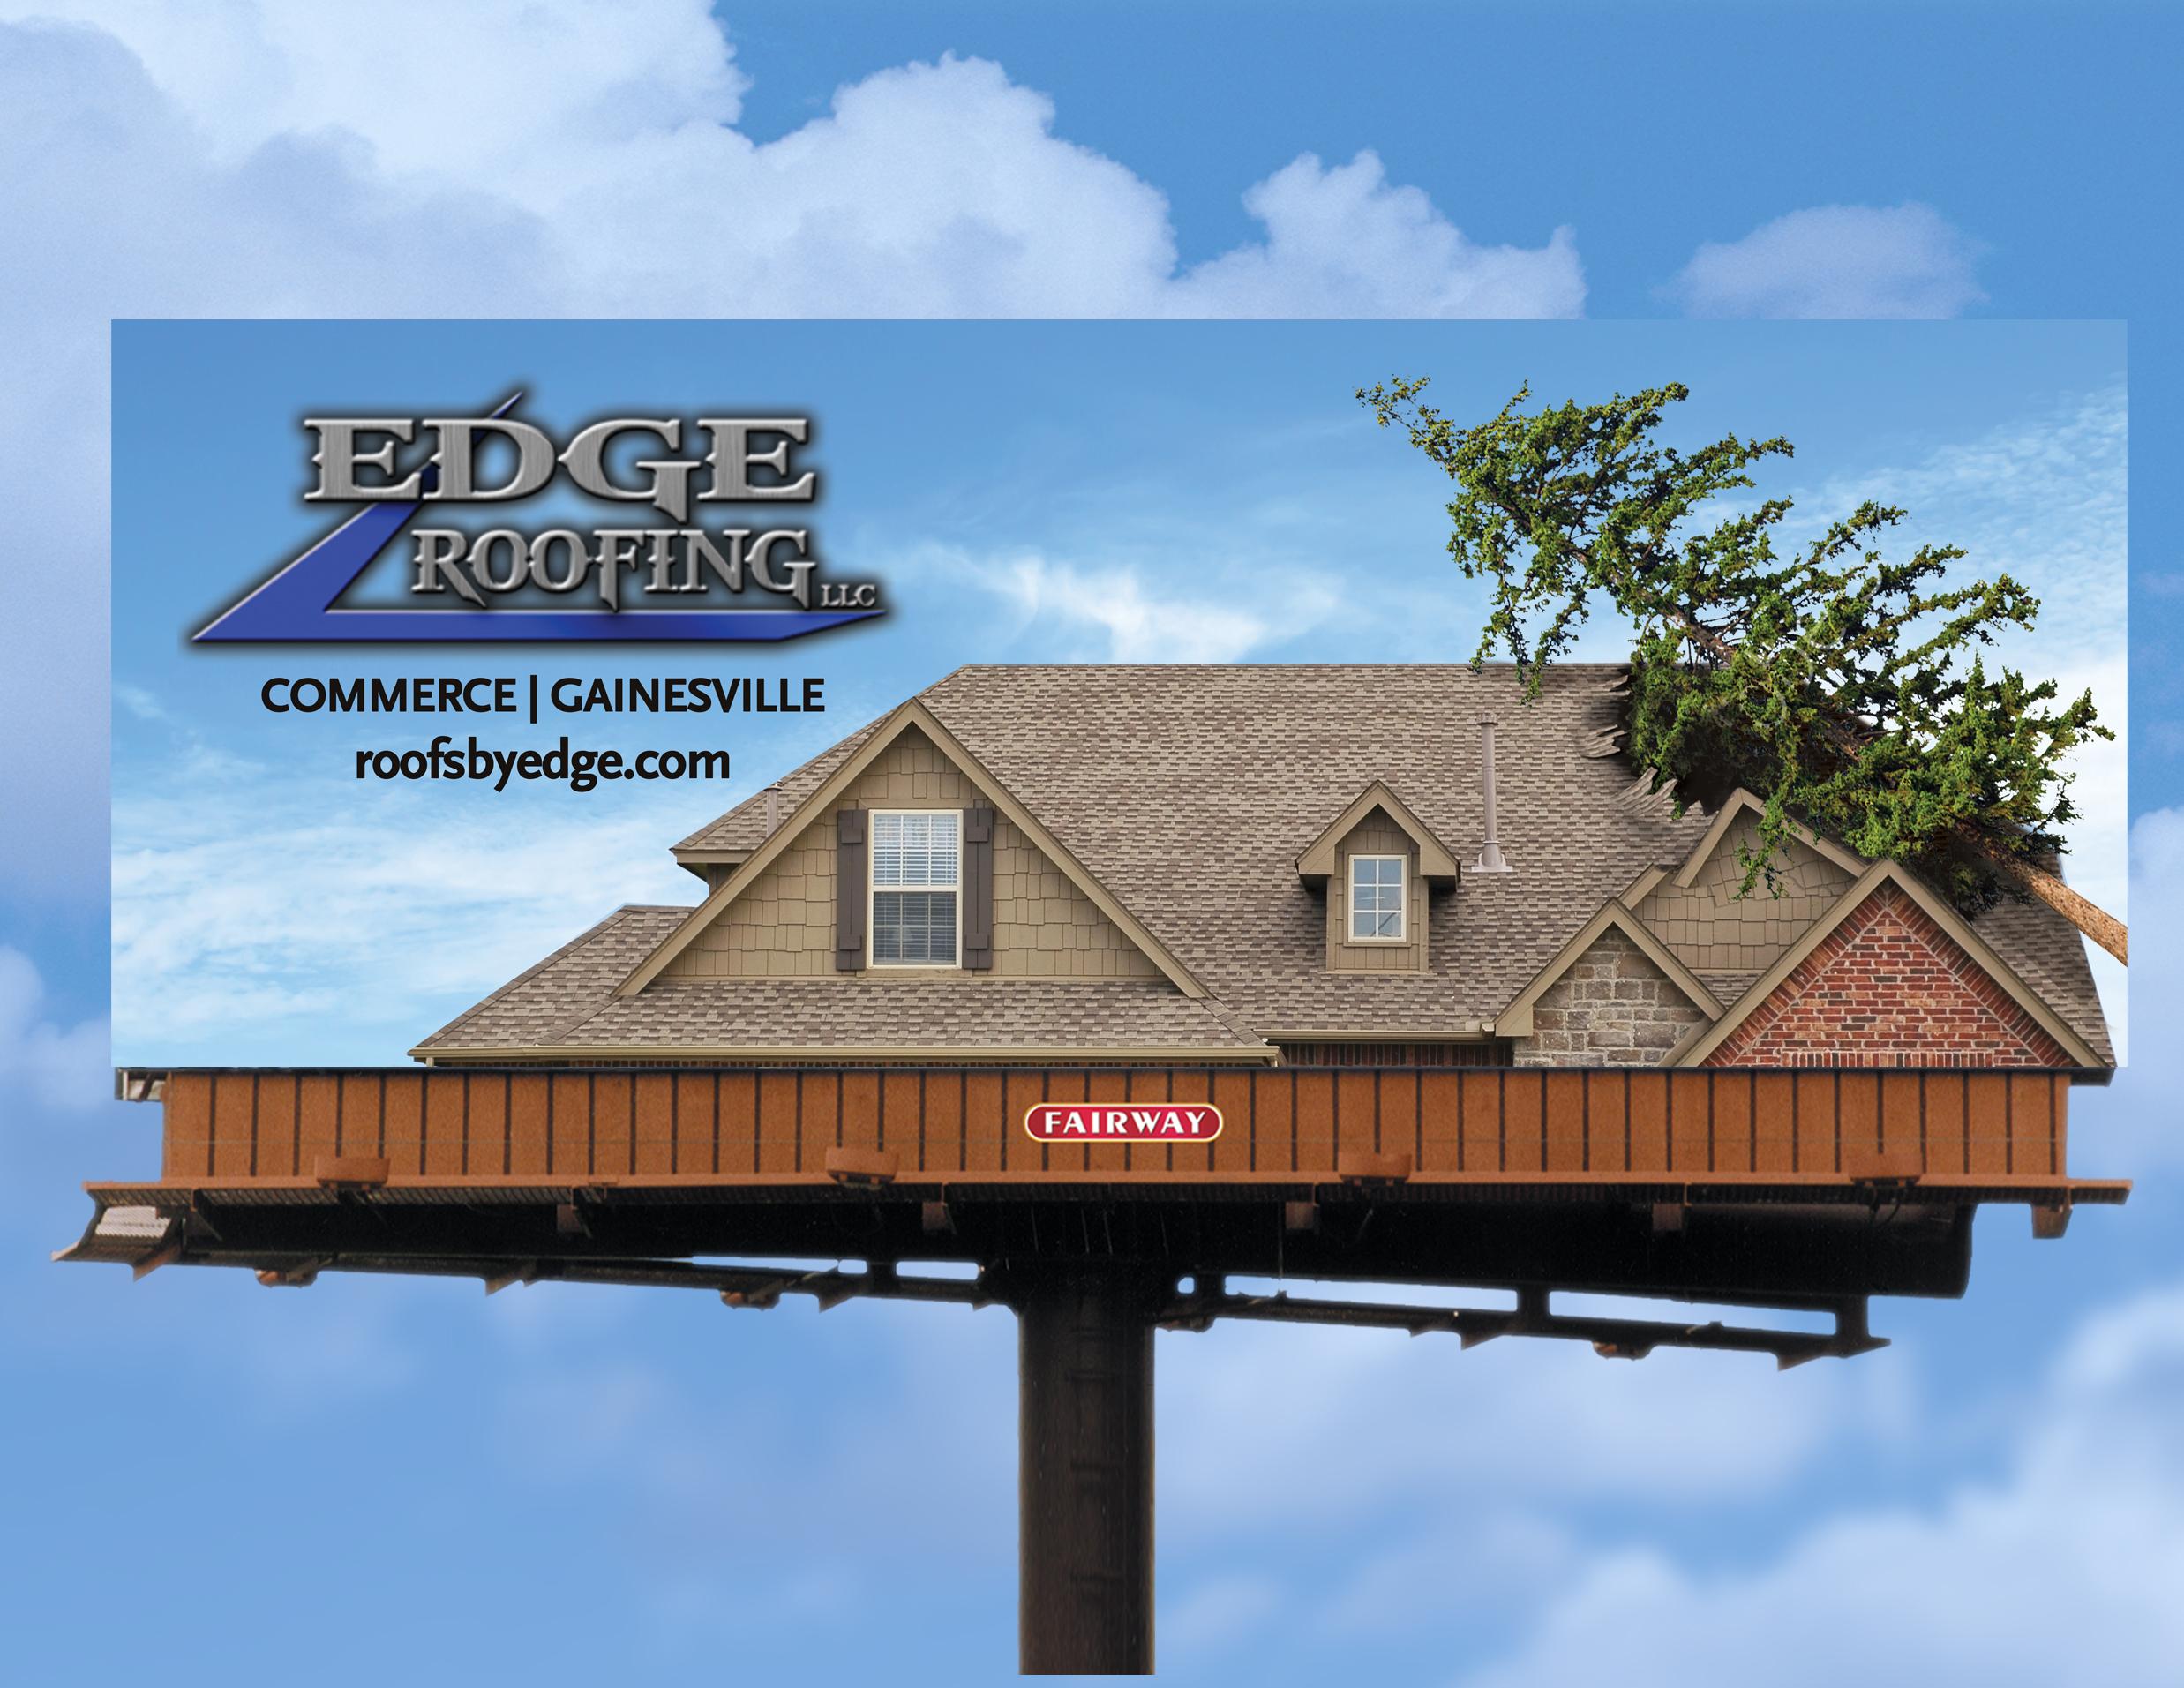 edgeroofing.jpg